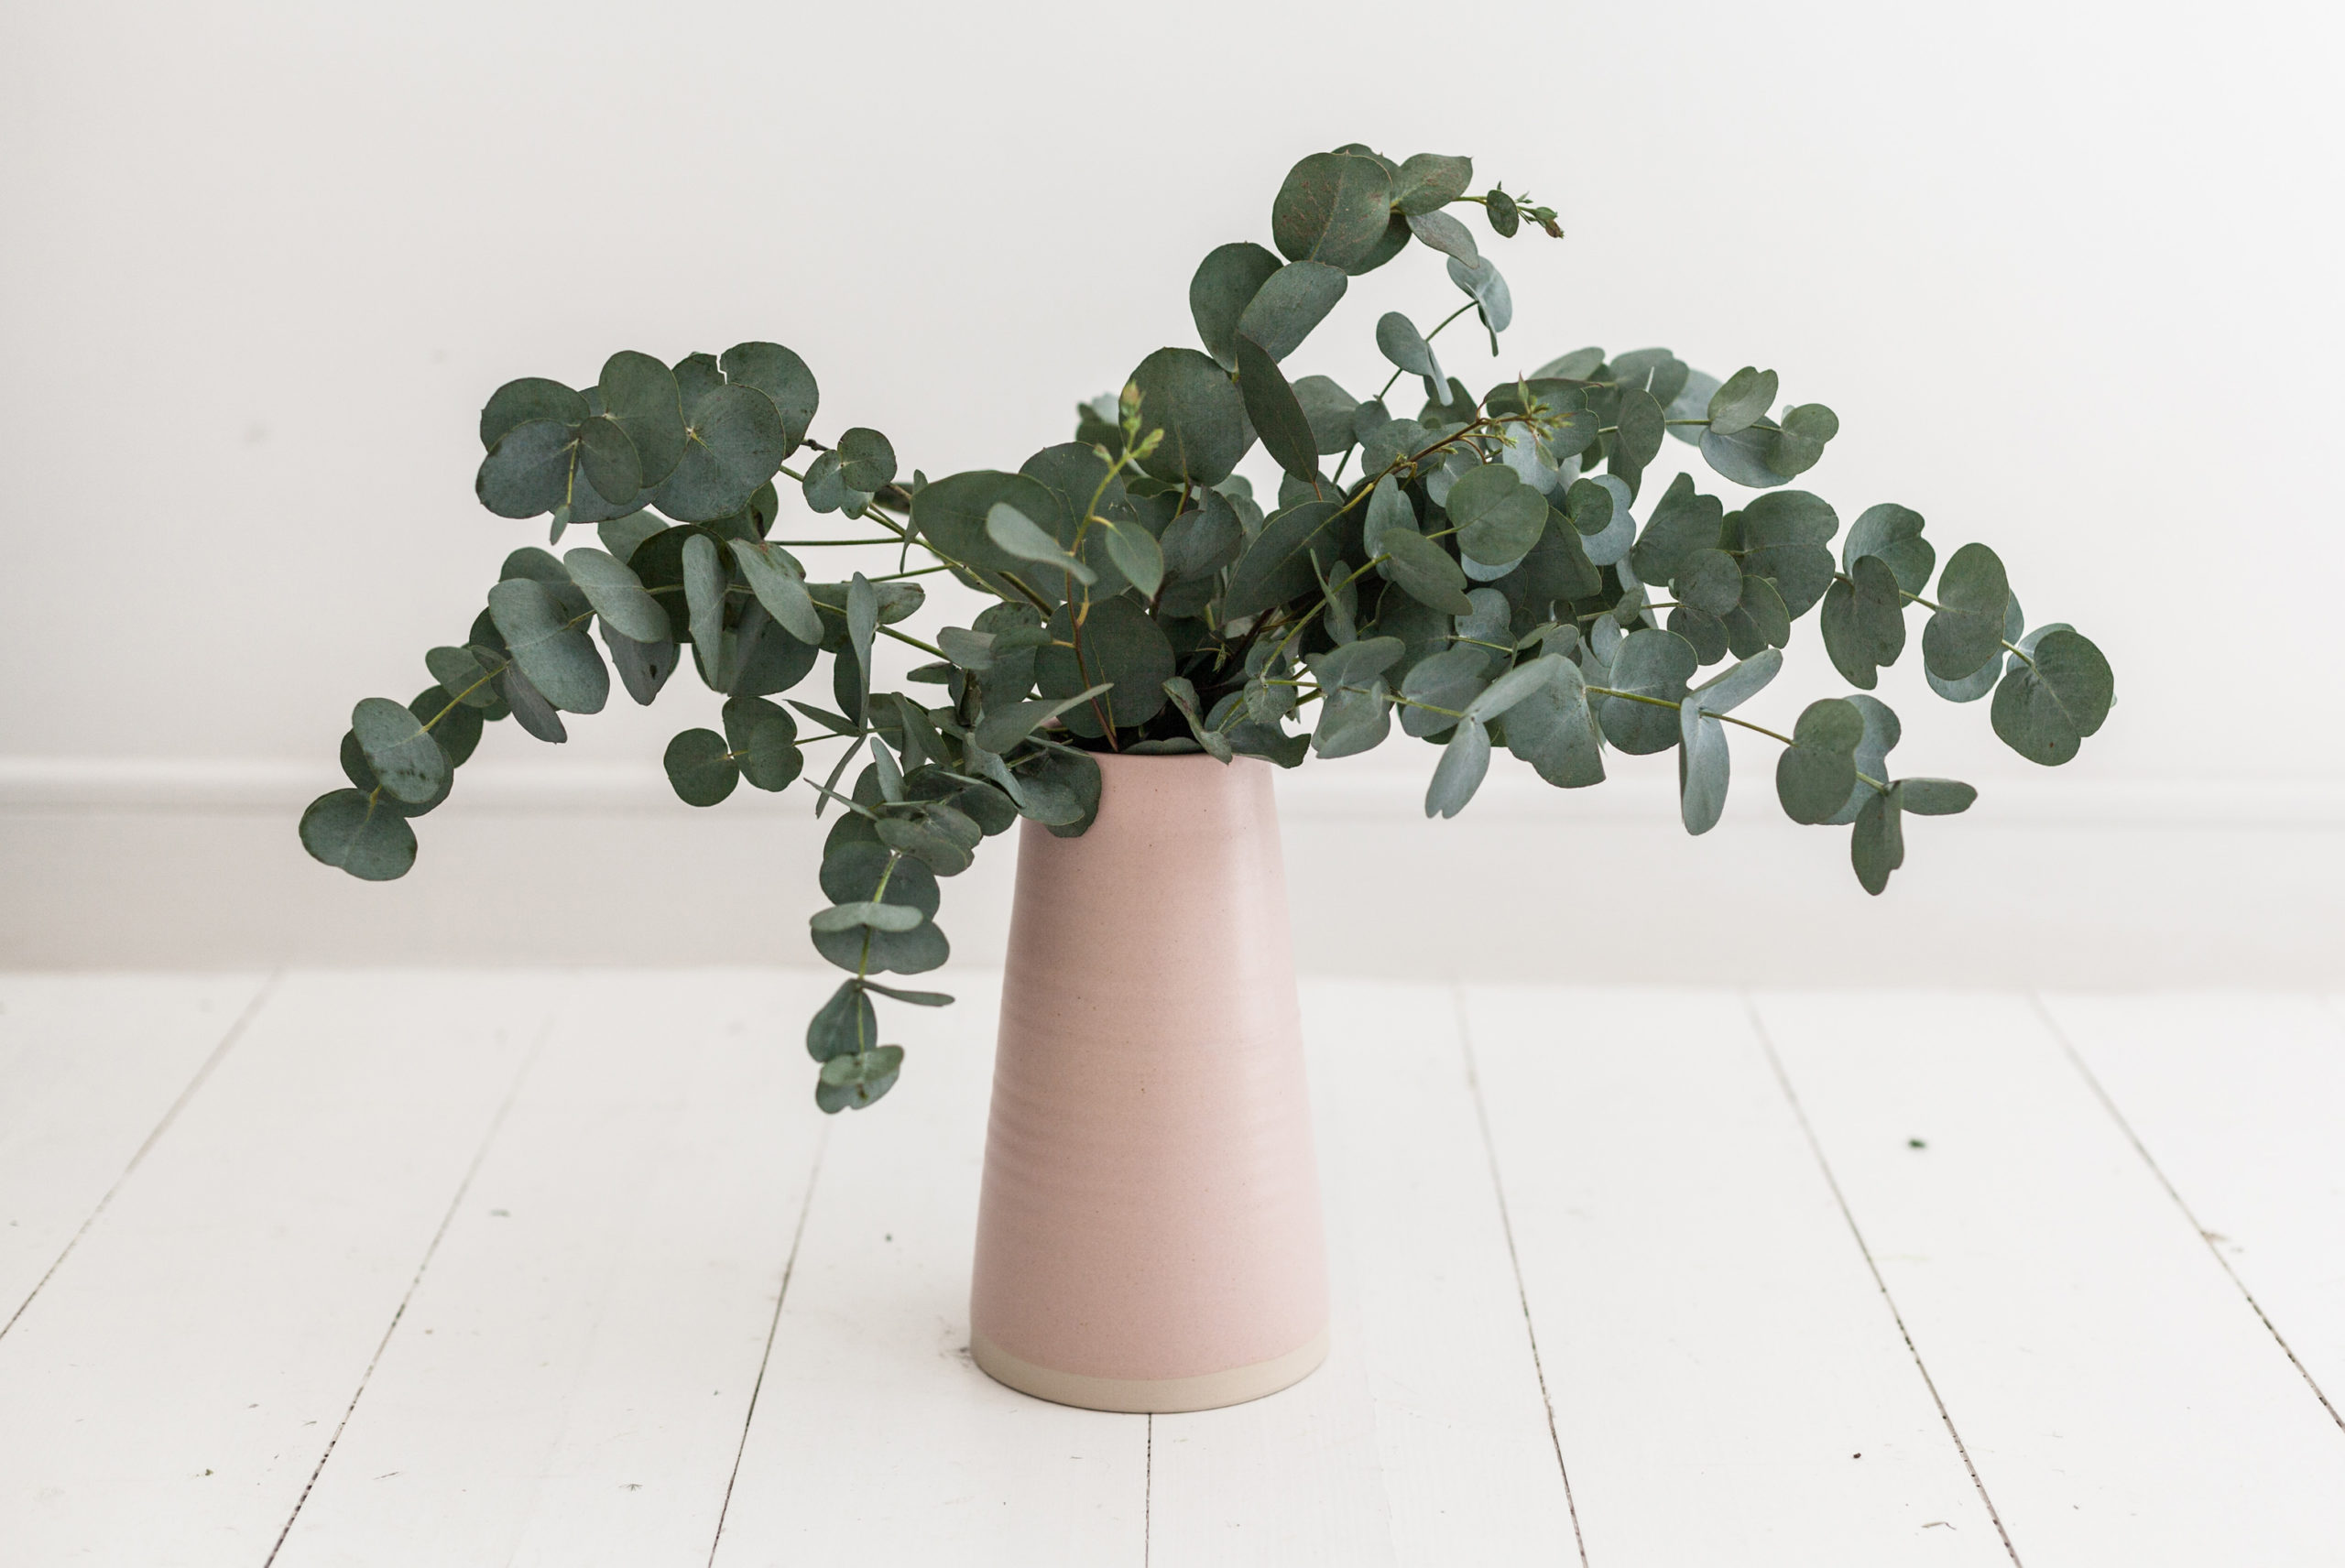 Imagen de una planta de eucalipto en un jarrón blanco